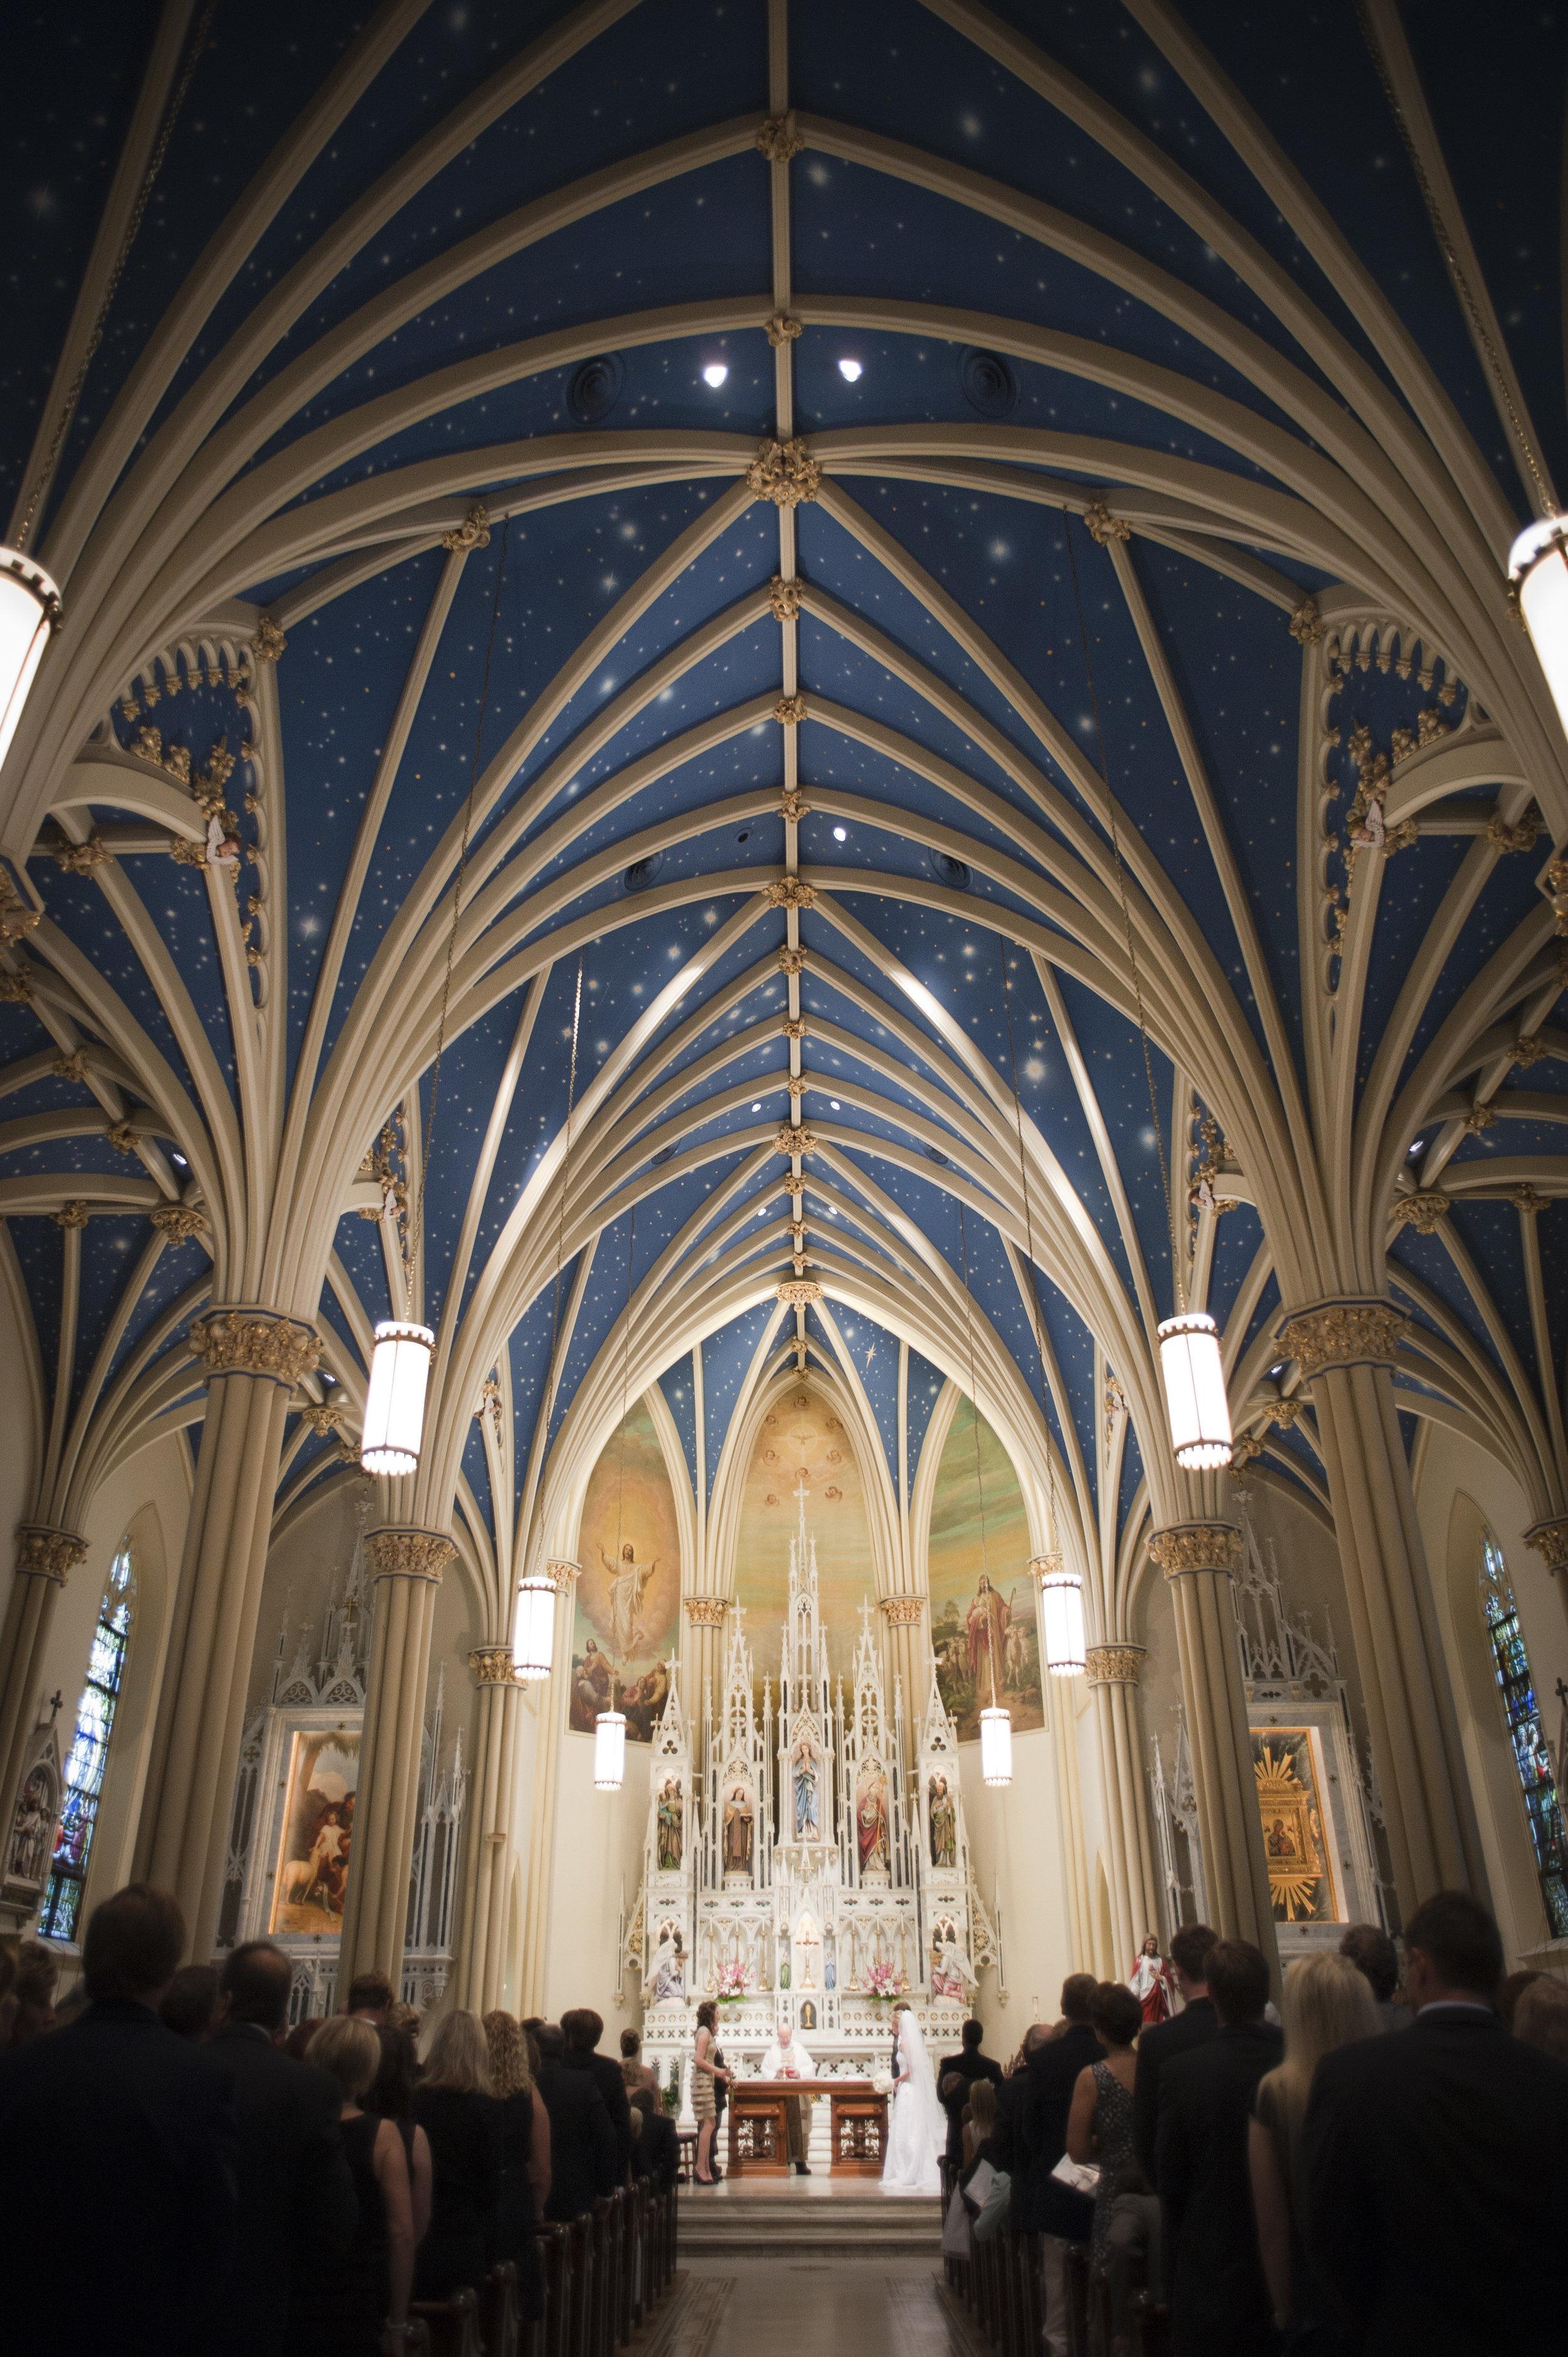 St. Mary's Church - Annapolis